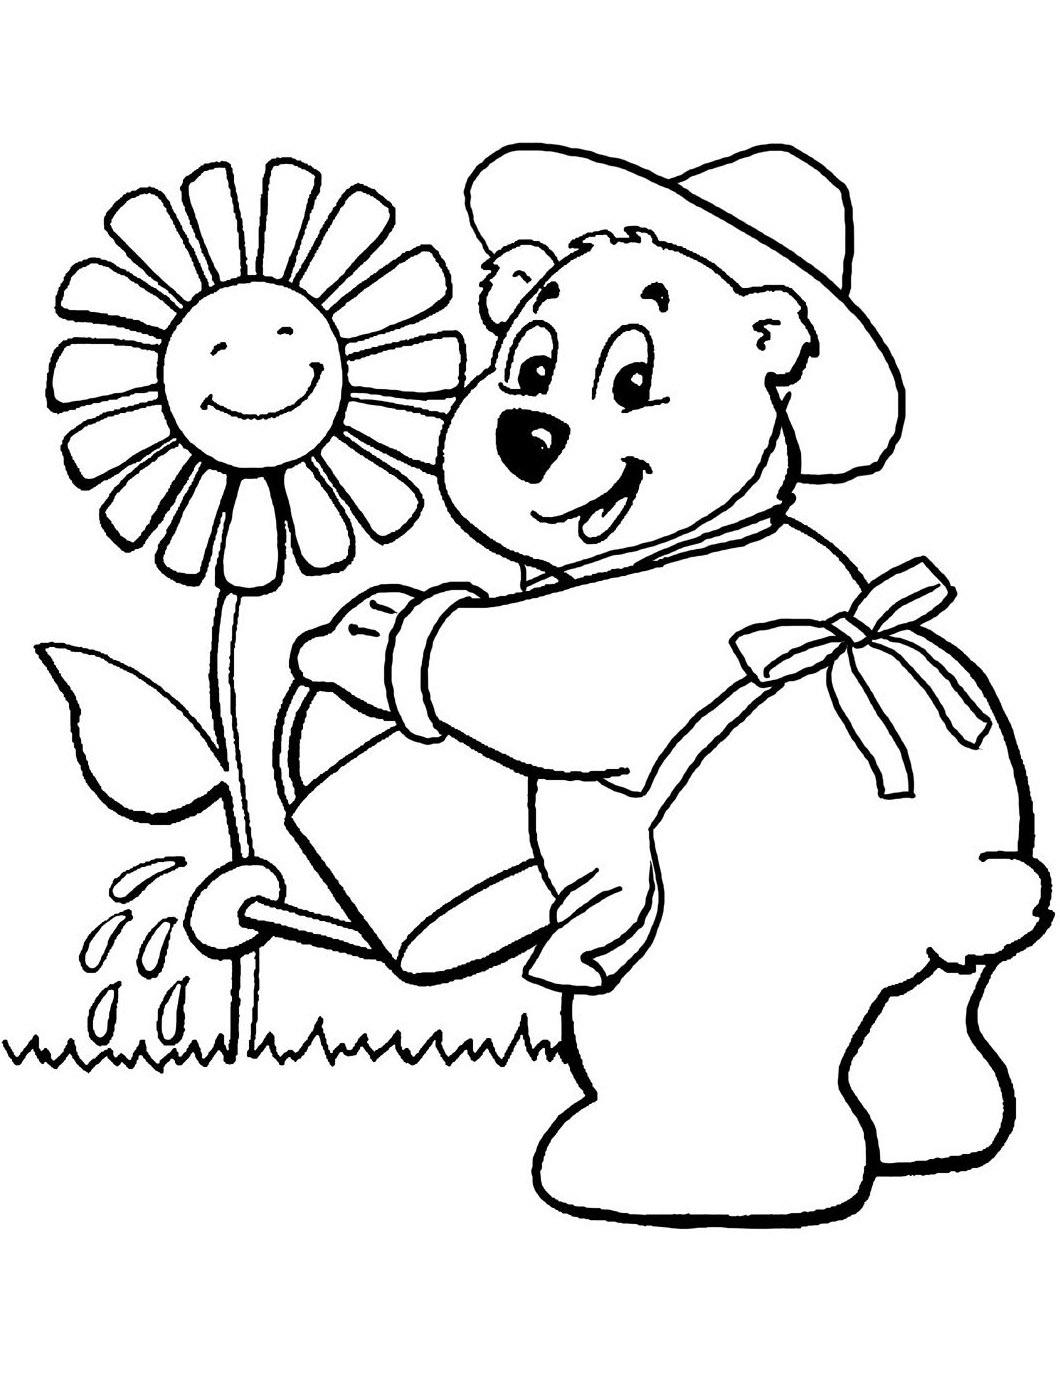 Frais Coloriage Pour Petite Fille De 4 Ans | Imprimer et Obtenir une Coloriage Gratuit Ici